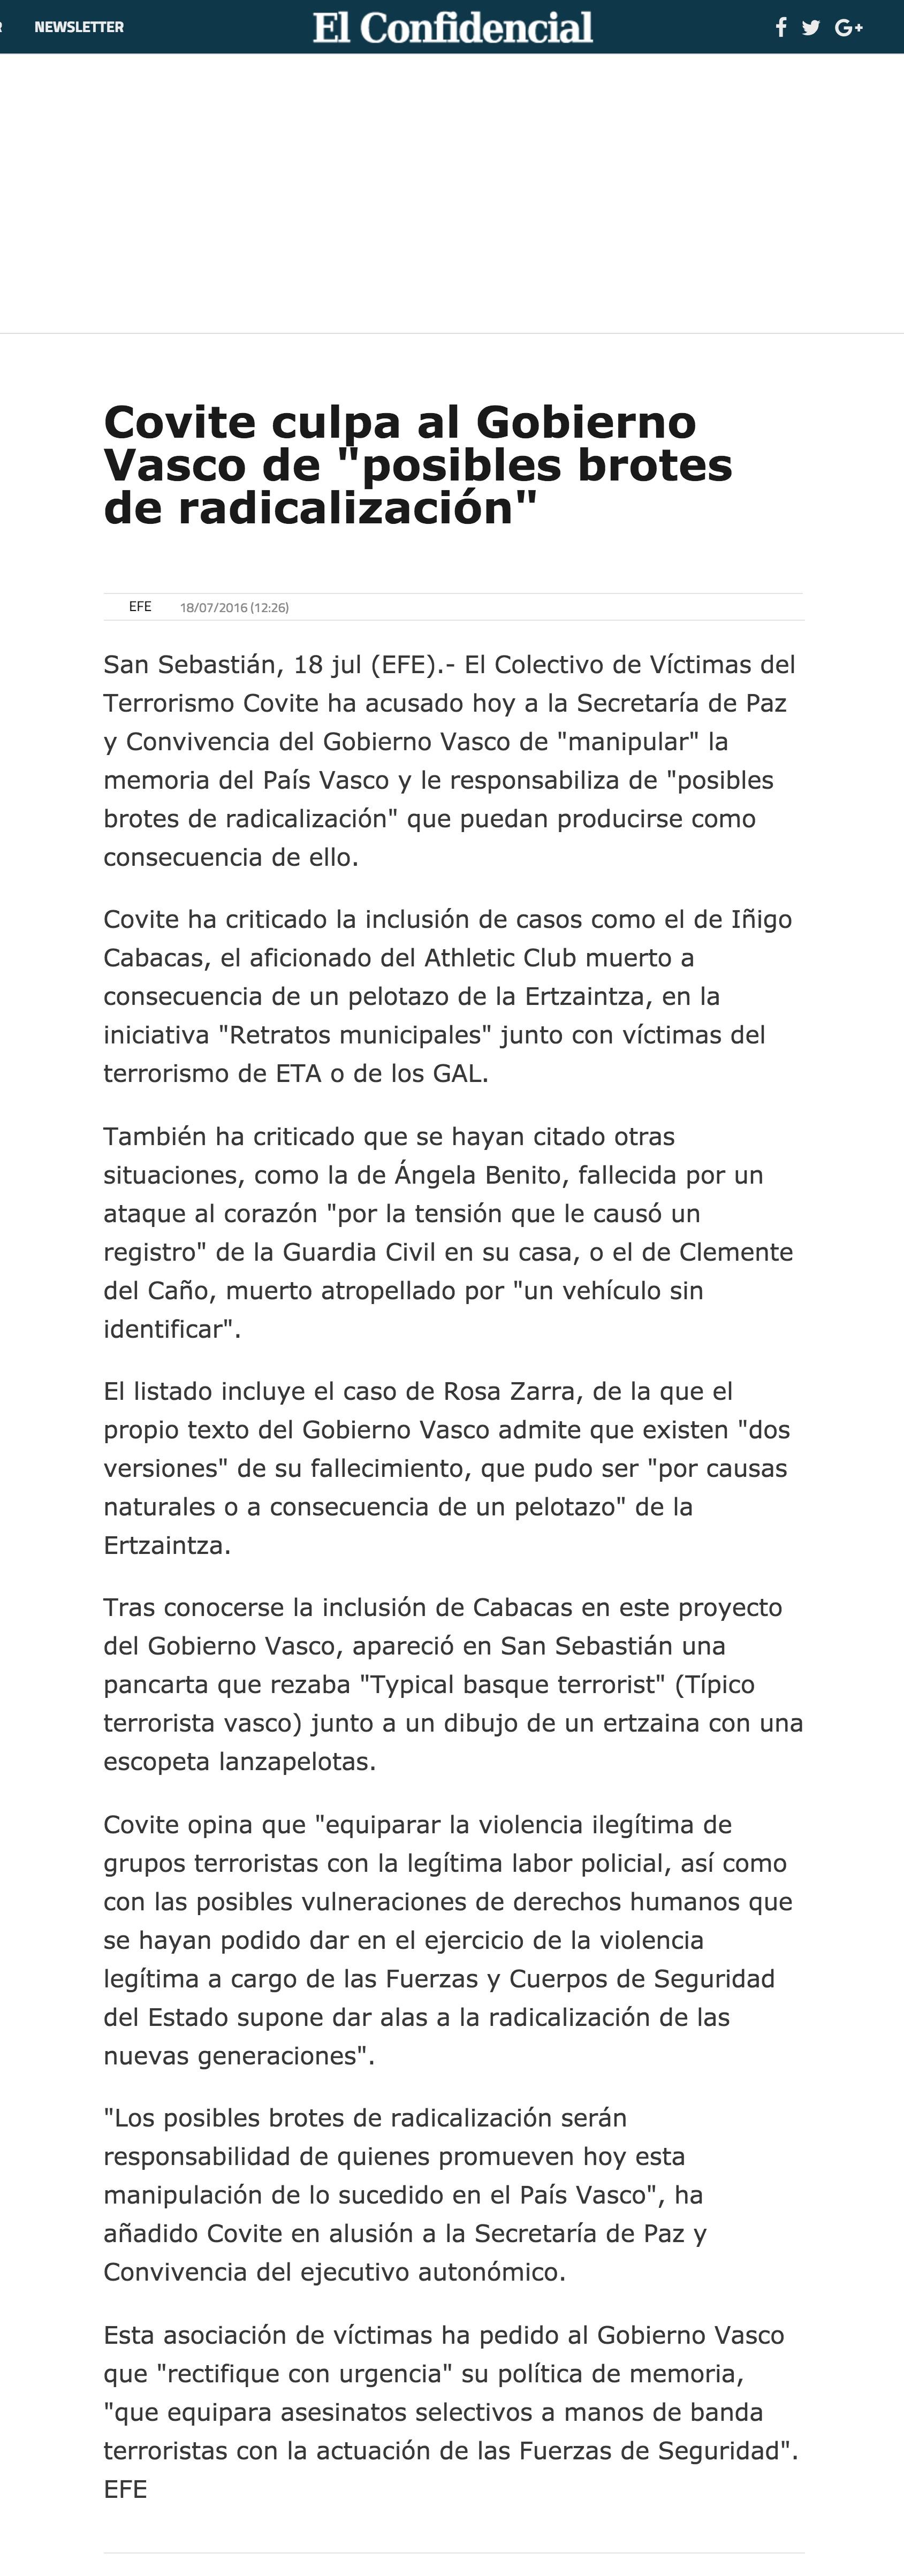 screencapture-www-elconfidencial-com-ultima-hora-en-vivo-2016-07-18-covite-culpa-al-gobierno-vasco-de-posibles-brotes-de-radicalizacion_968148-1468917941746